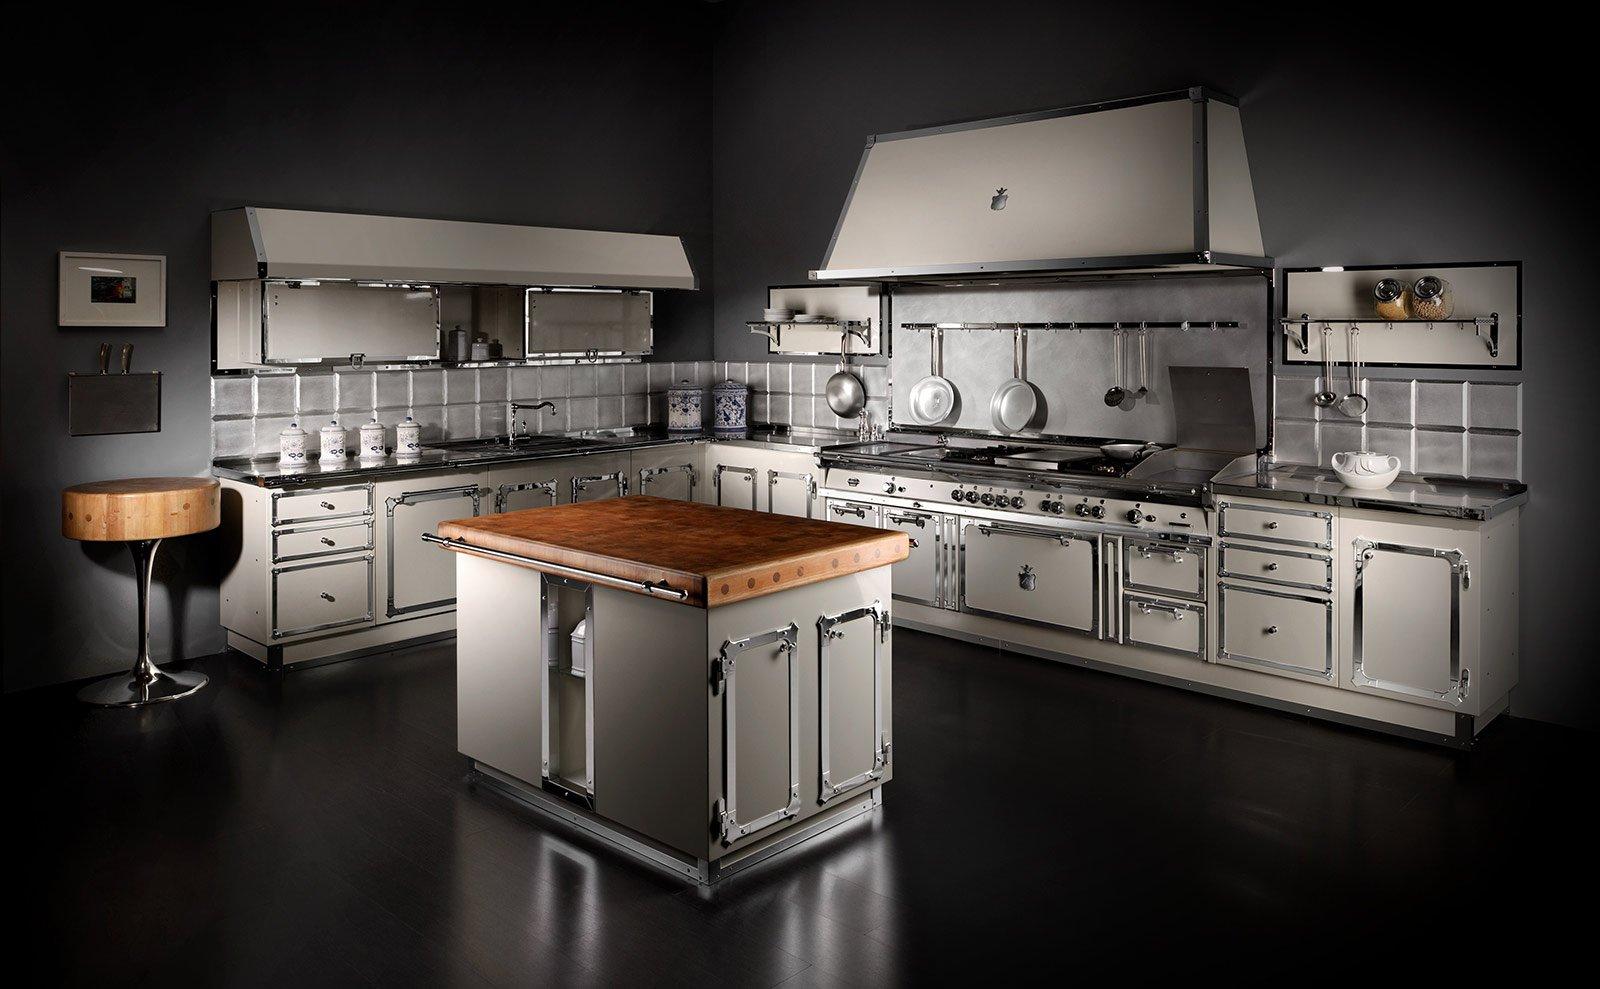 cucina completa angolare signoria palace di officine gullo in acciaio ad alto spessore verniciato a